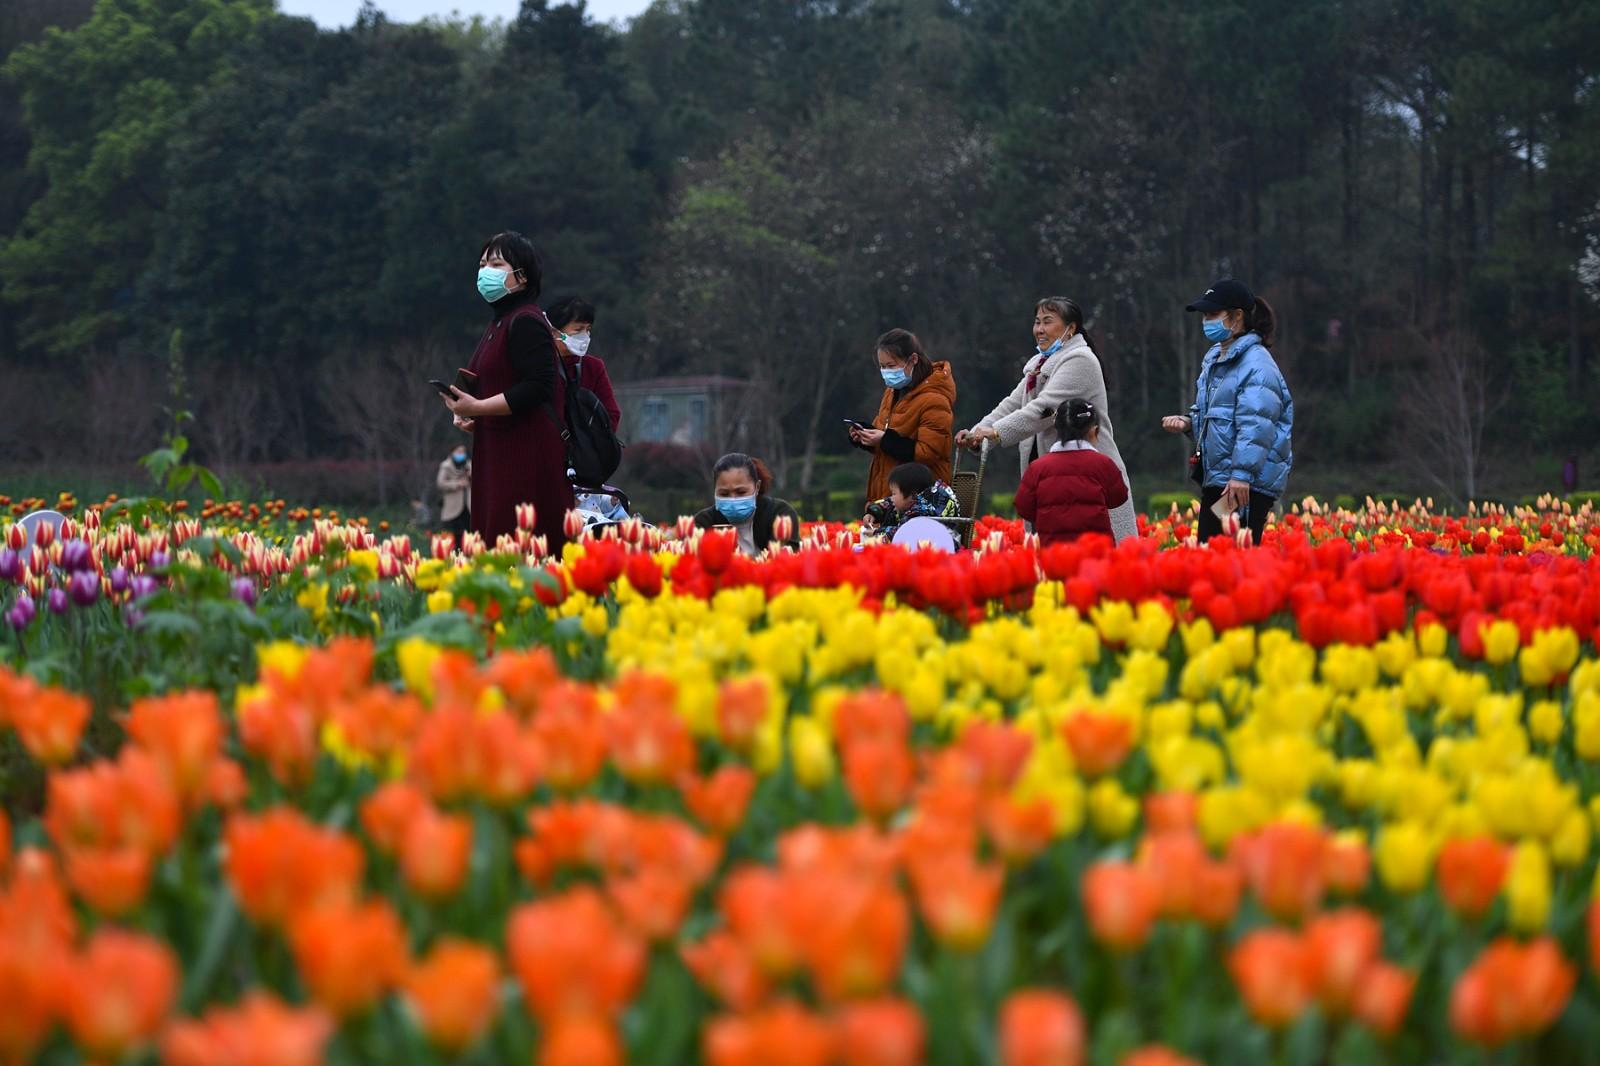 省森林植物园内,数十万朵郁金香盛放,吸引各地游客前来感受春天的气息。 长沙晚报全媒体记者 王志伟 摄